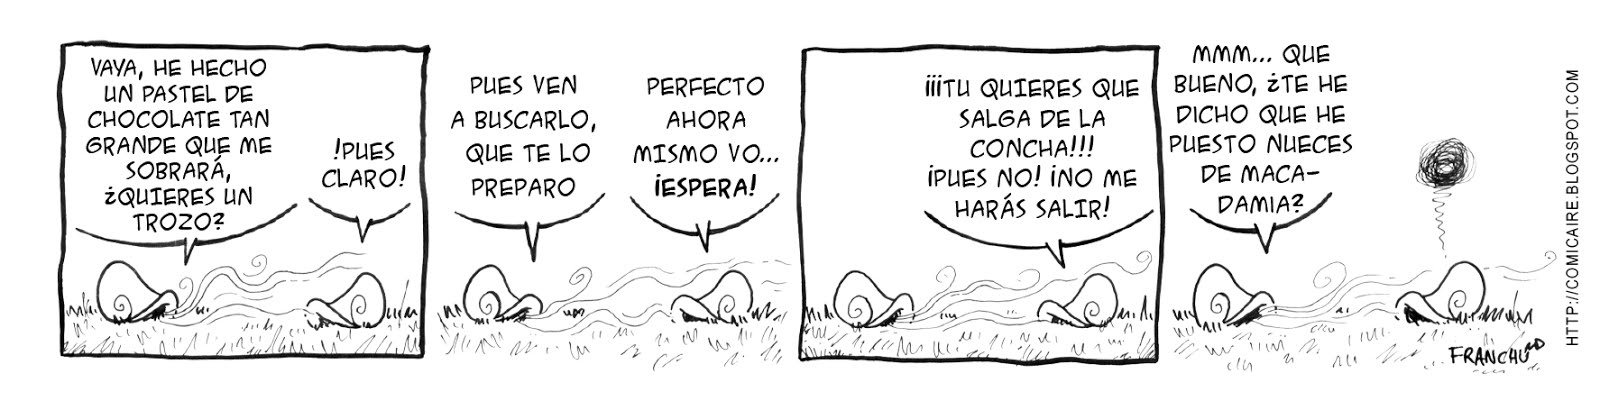 Tira comica 140 del webcomic Cargols del dibujante Franchu de Barcelona